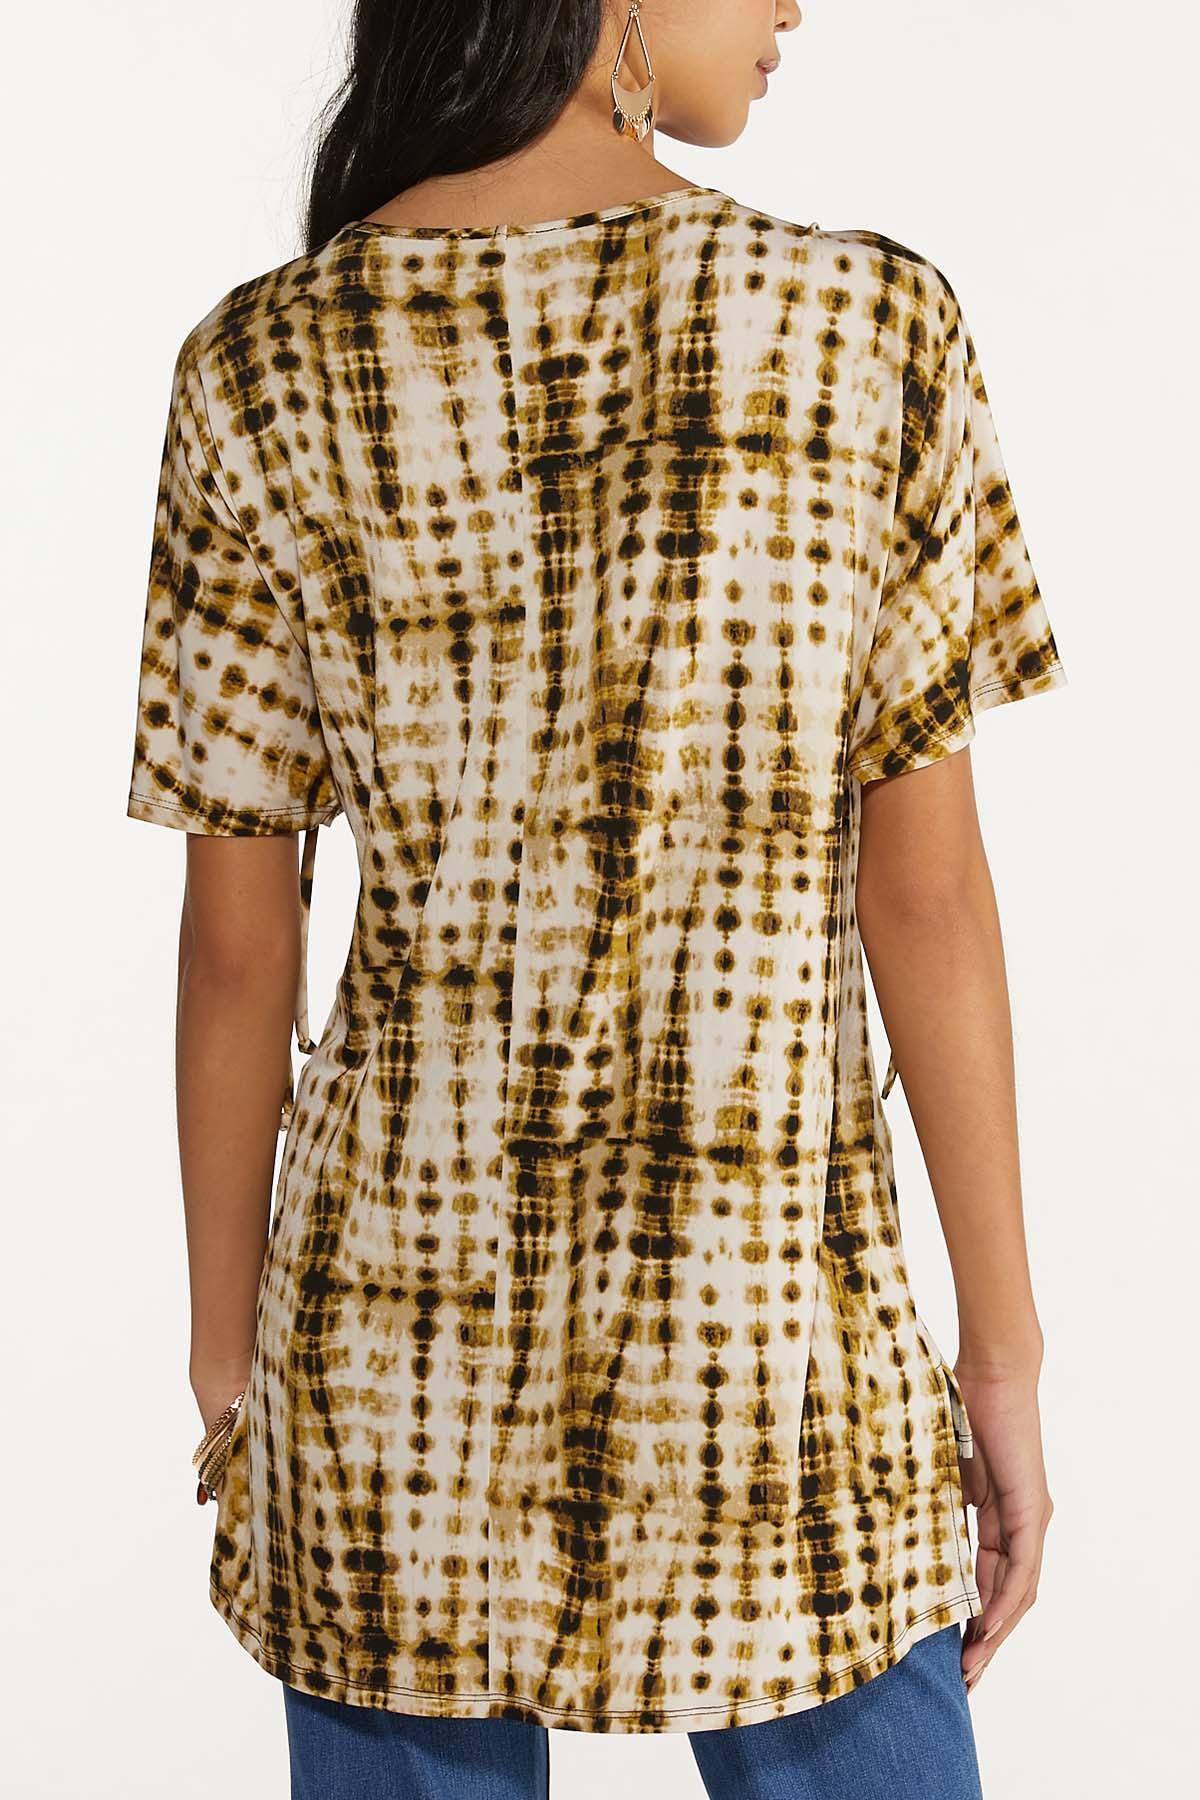 Olive Tie Dye Top (Item #44704355)